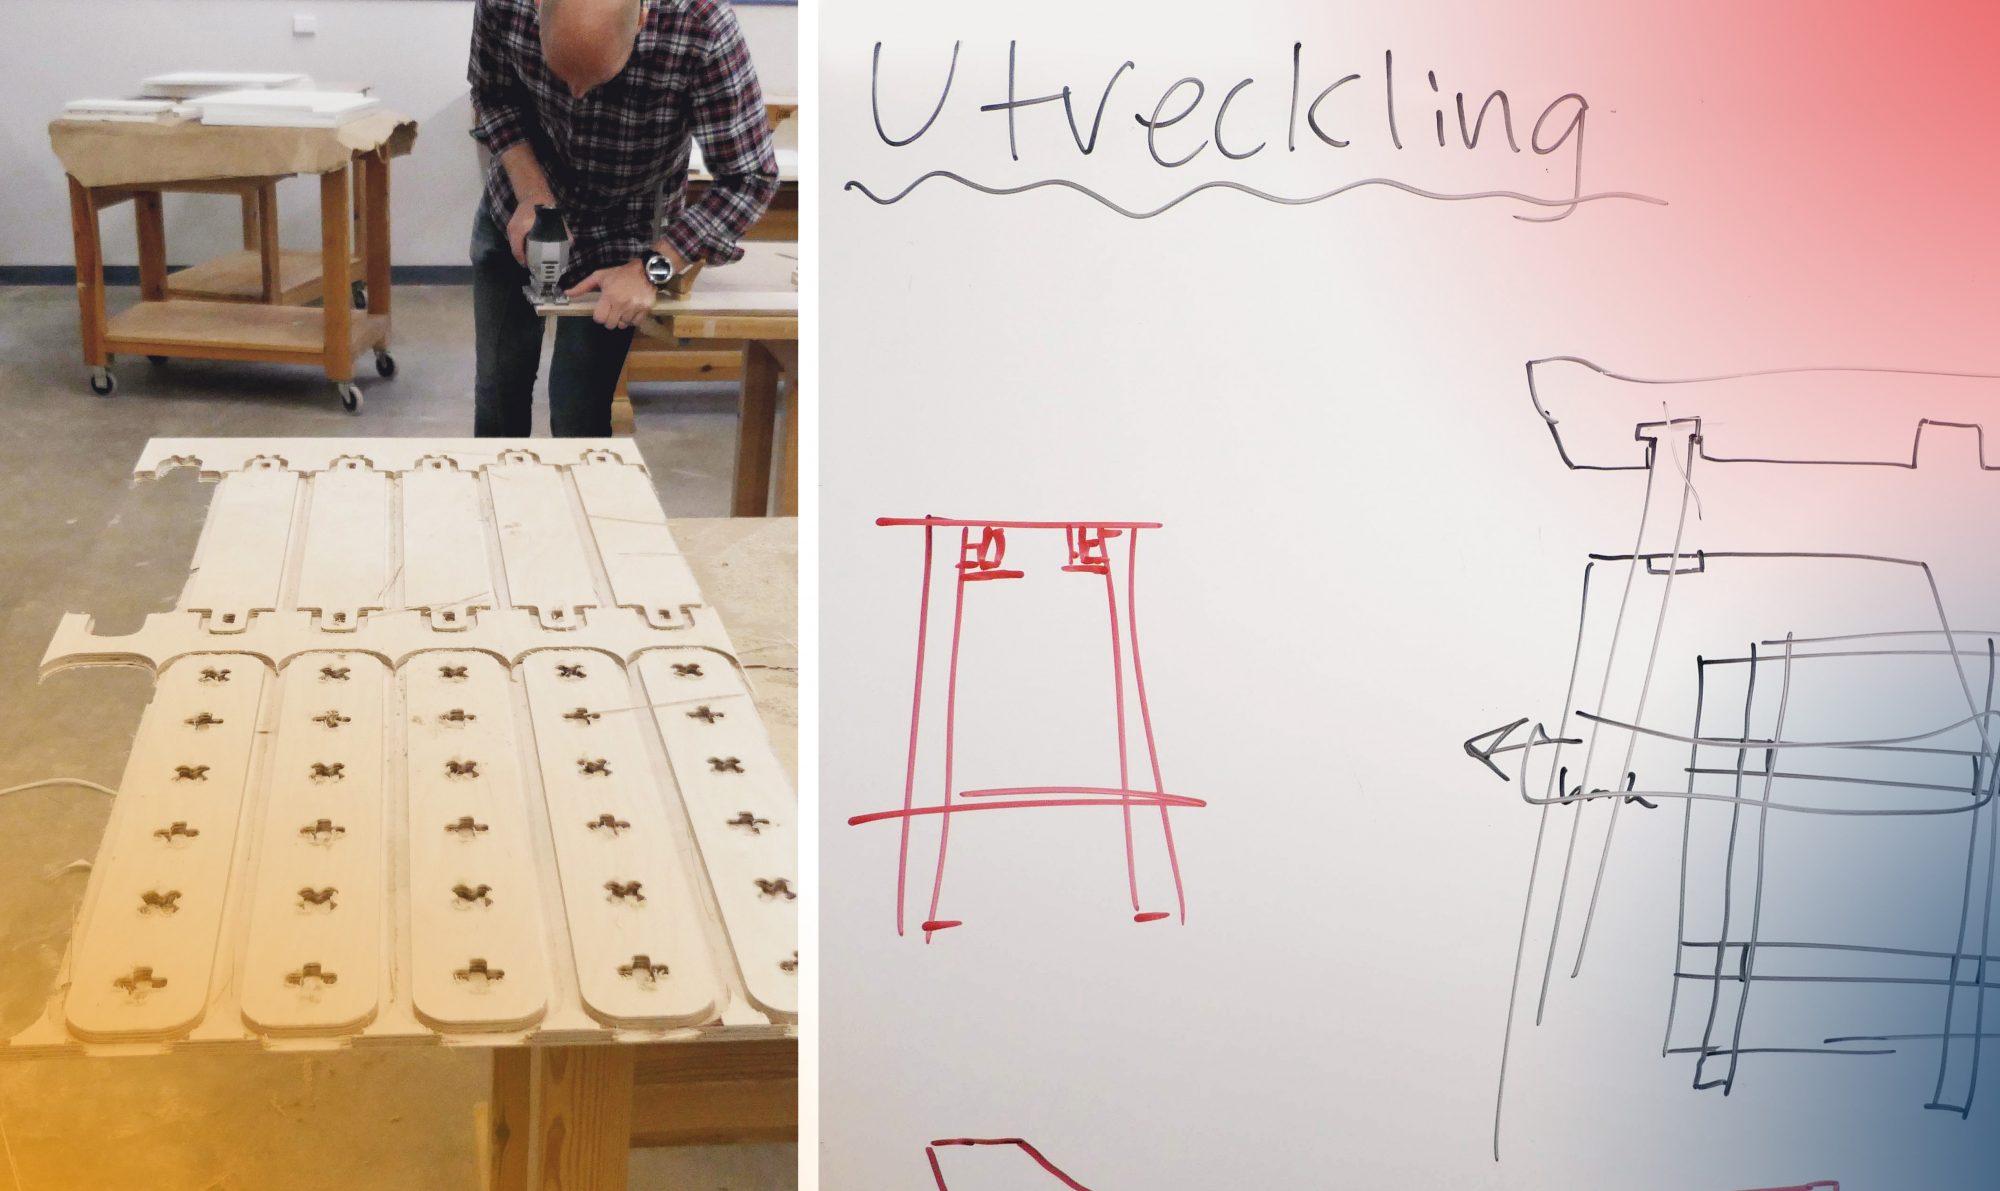 Möbeltillverkare arbetar med en ny modulbaserad produkt